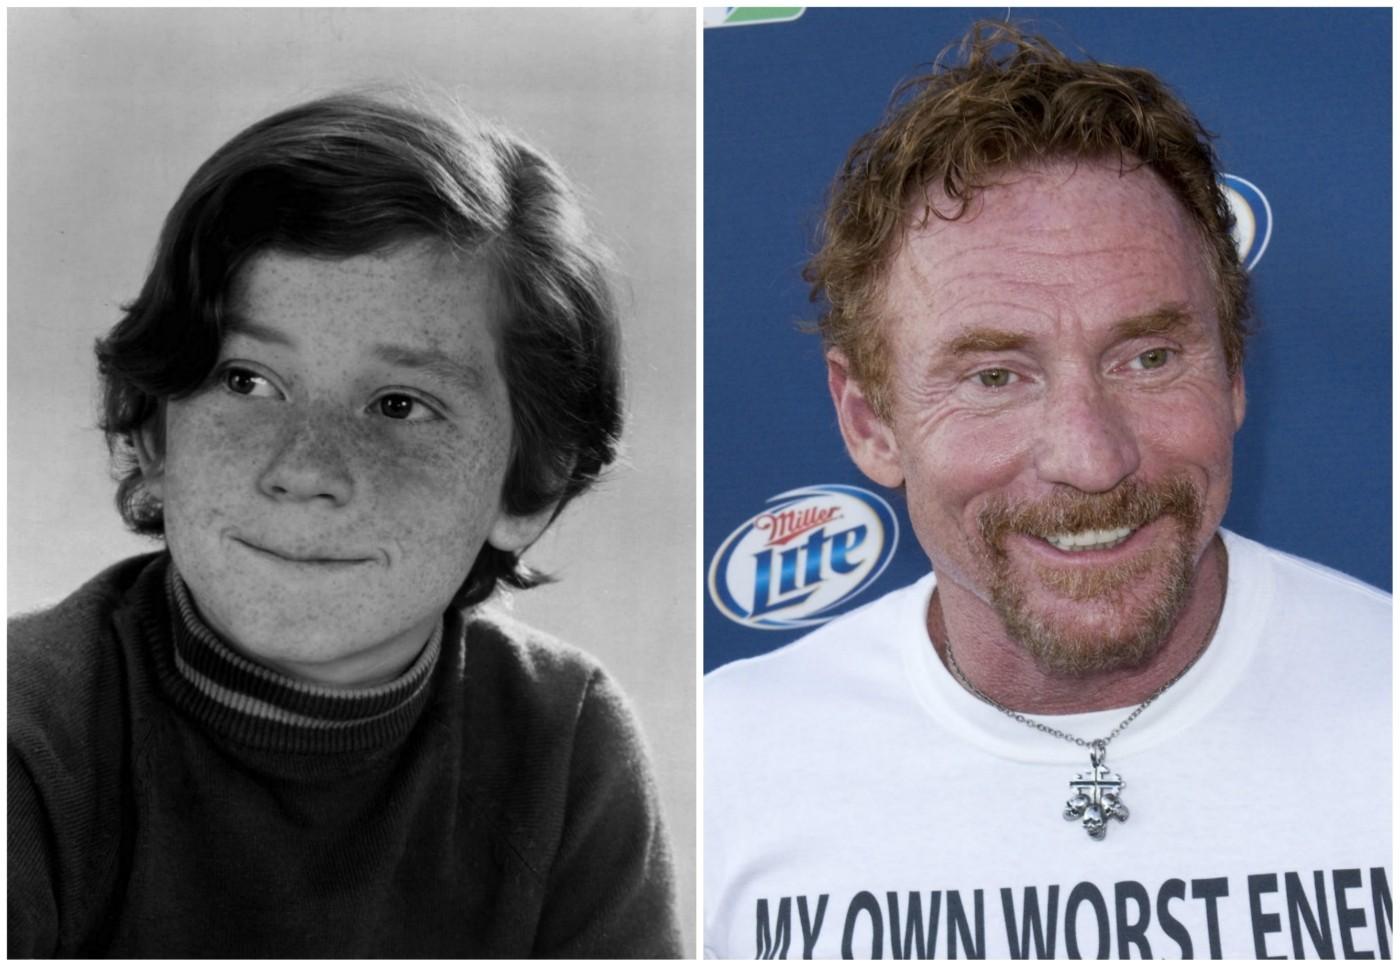 Dos 11 aos 15 anos, Danny Bonaduce atuou na série 'The Partridge Family' (1970–1974). Agora está com 54 anos. (Foto: Divulgação e Getty Images)